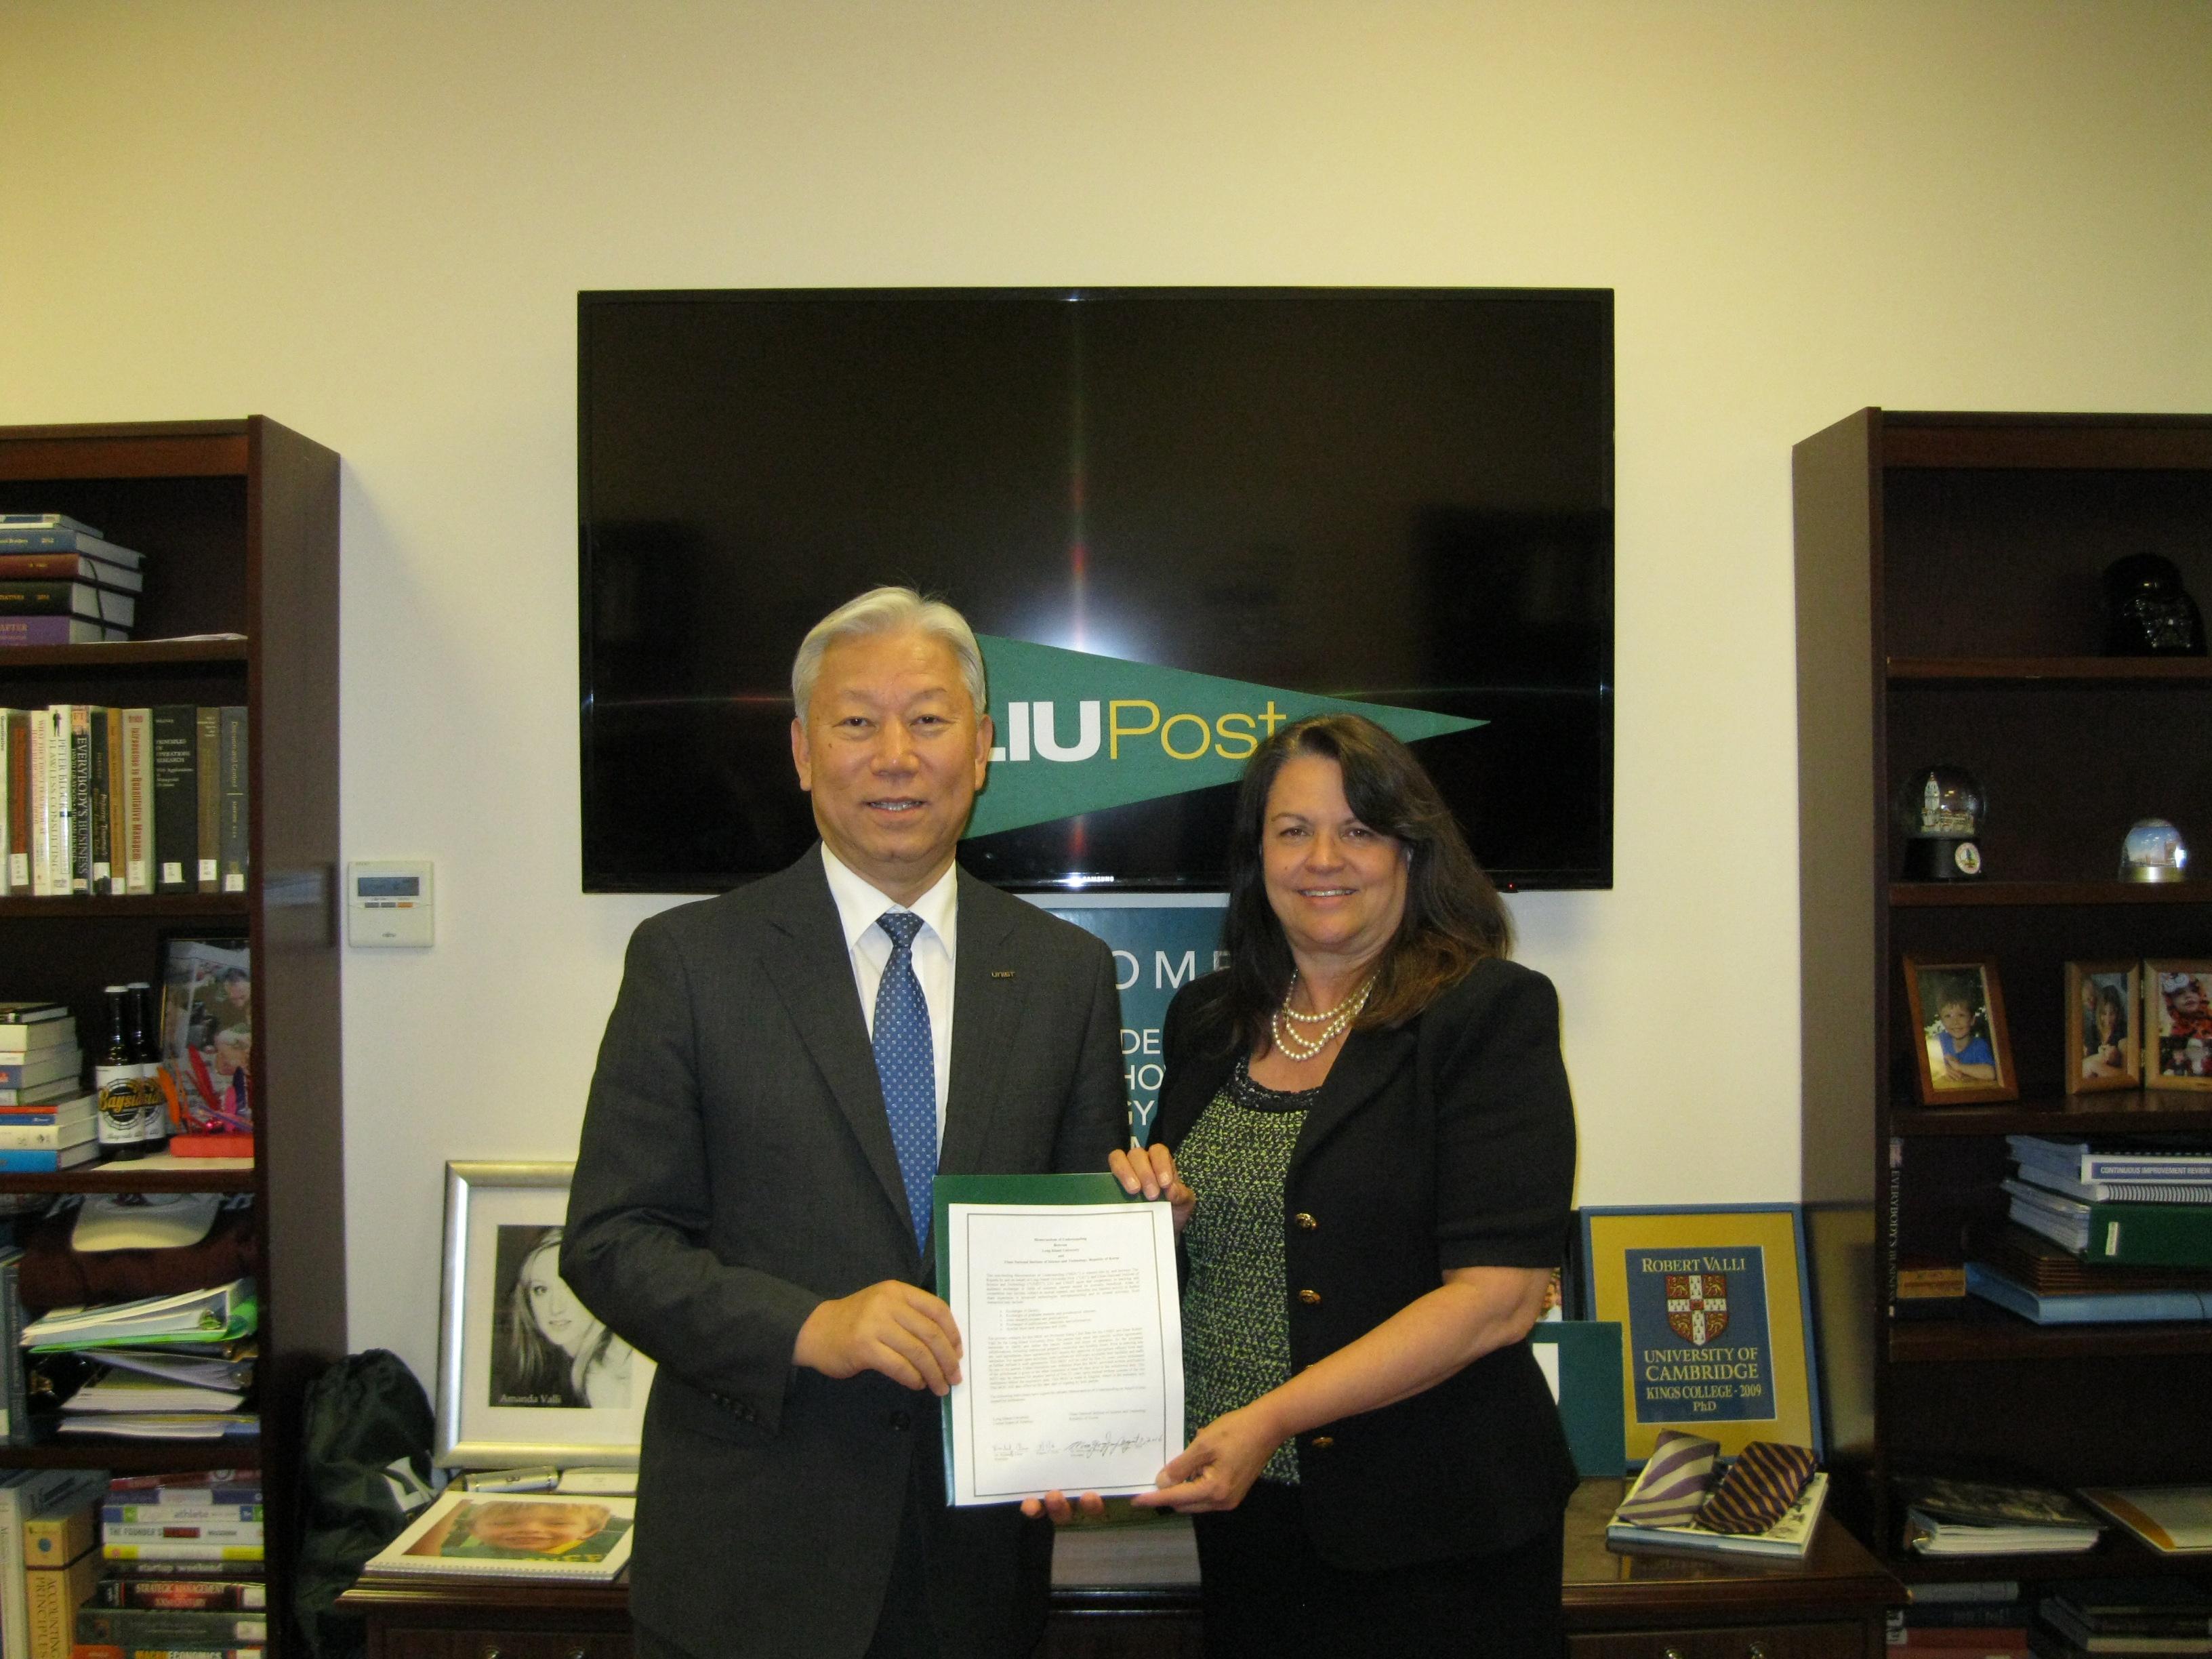 정무영 총장과 Kimberly R. Cline LIU 총장이 MOU를 체결했다.